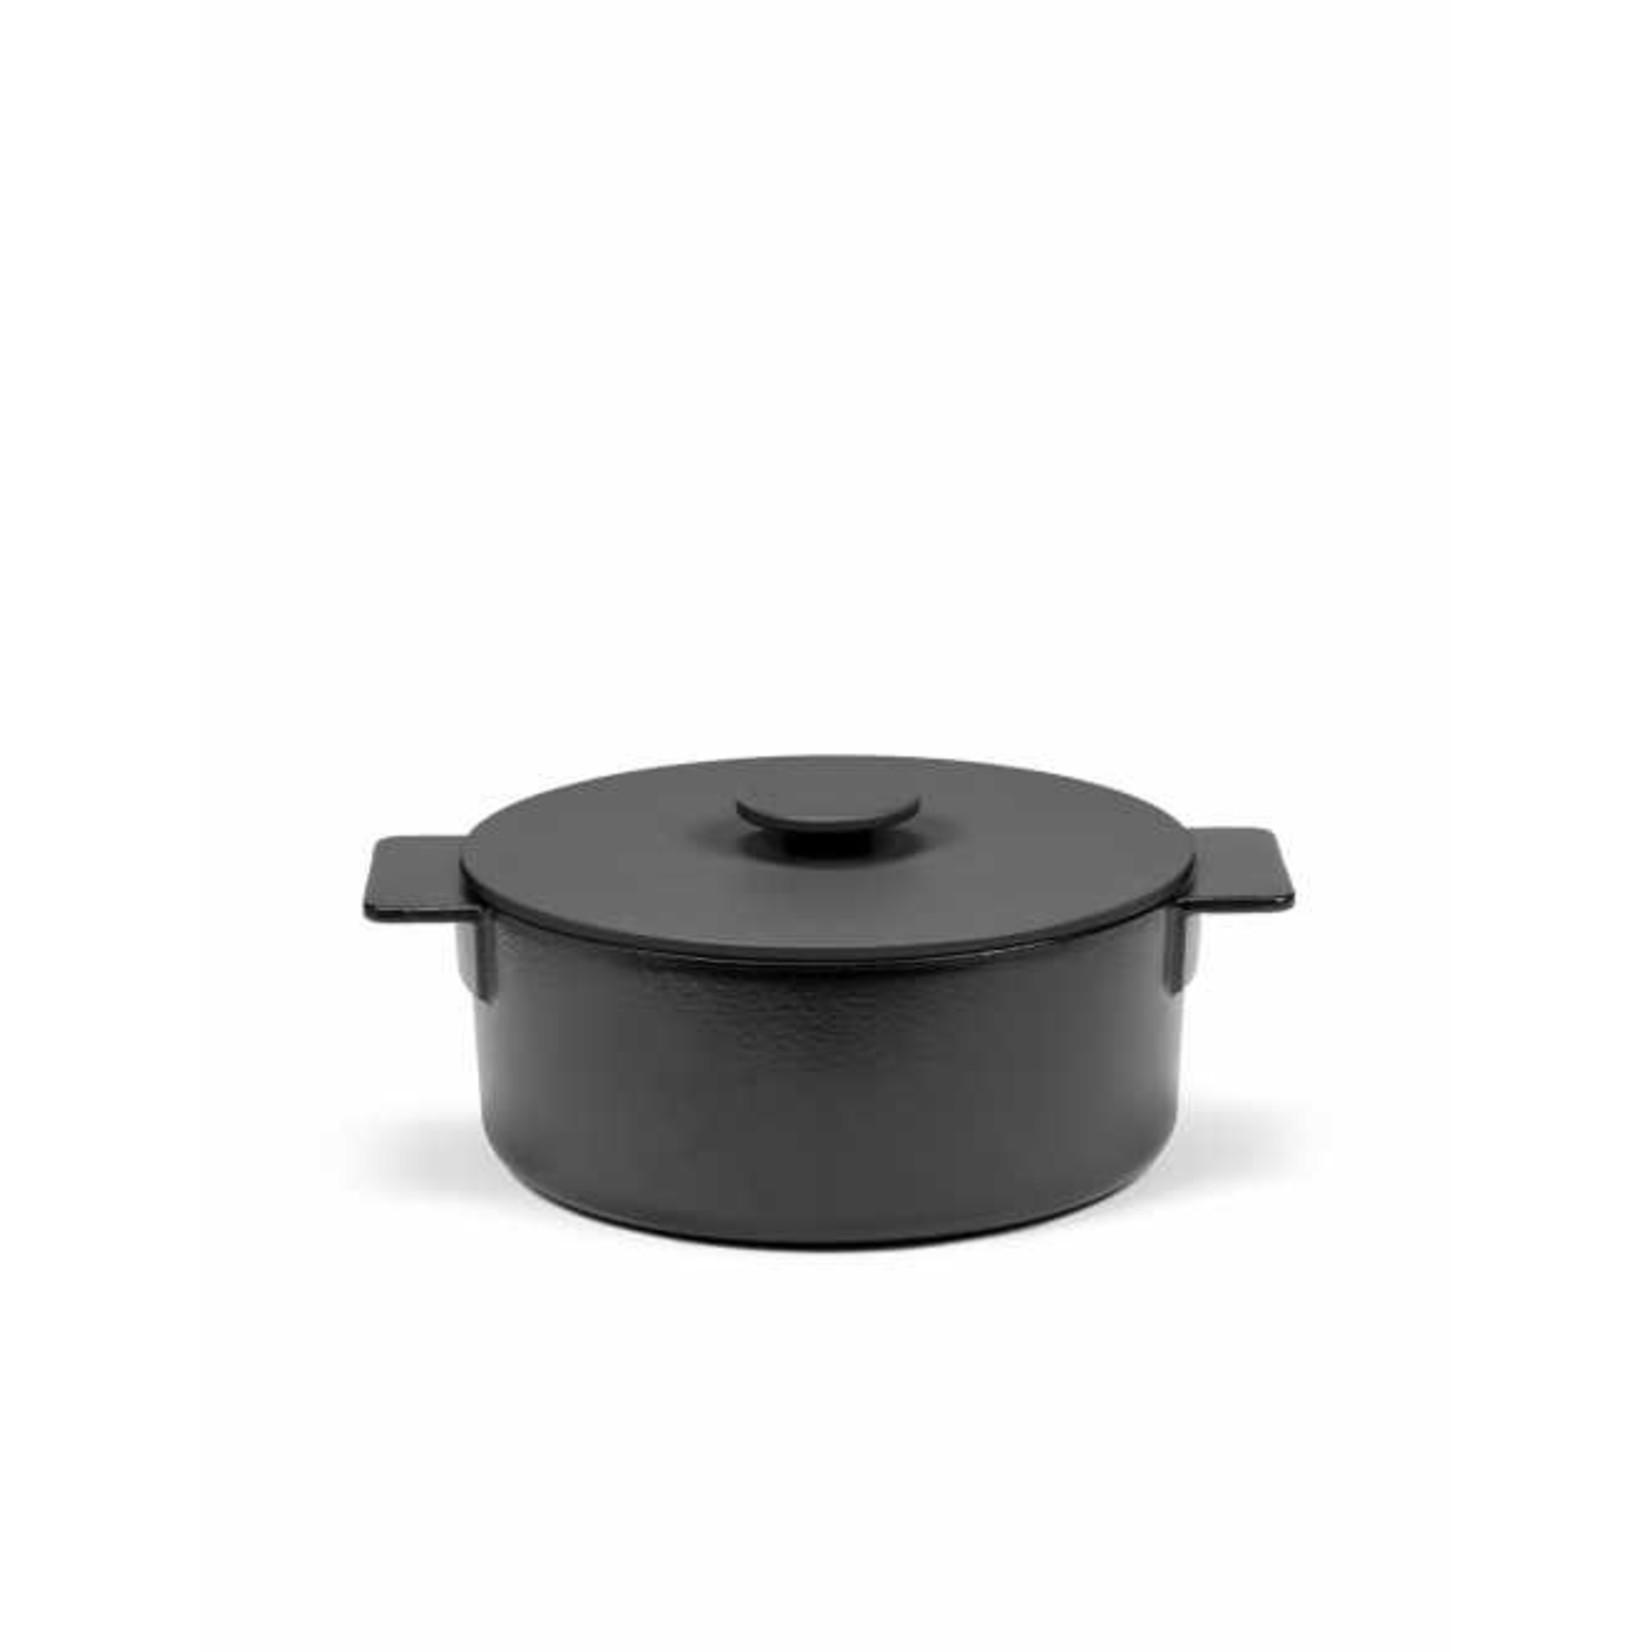 Sergio Herman Surface Kookpot iron black